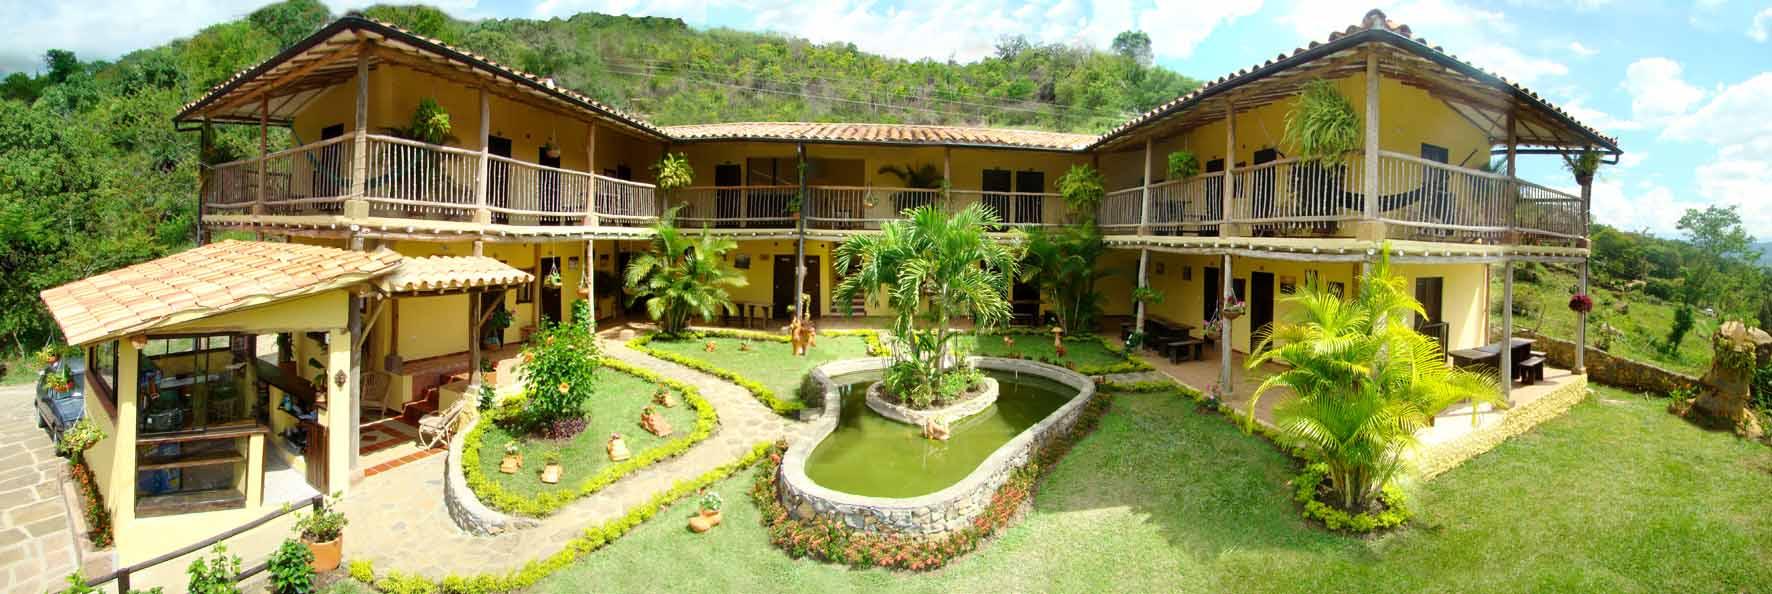 Hotel Camino Real SANGIL (8)